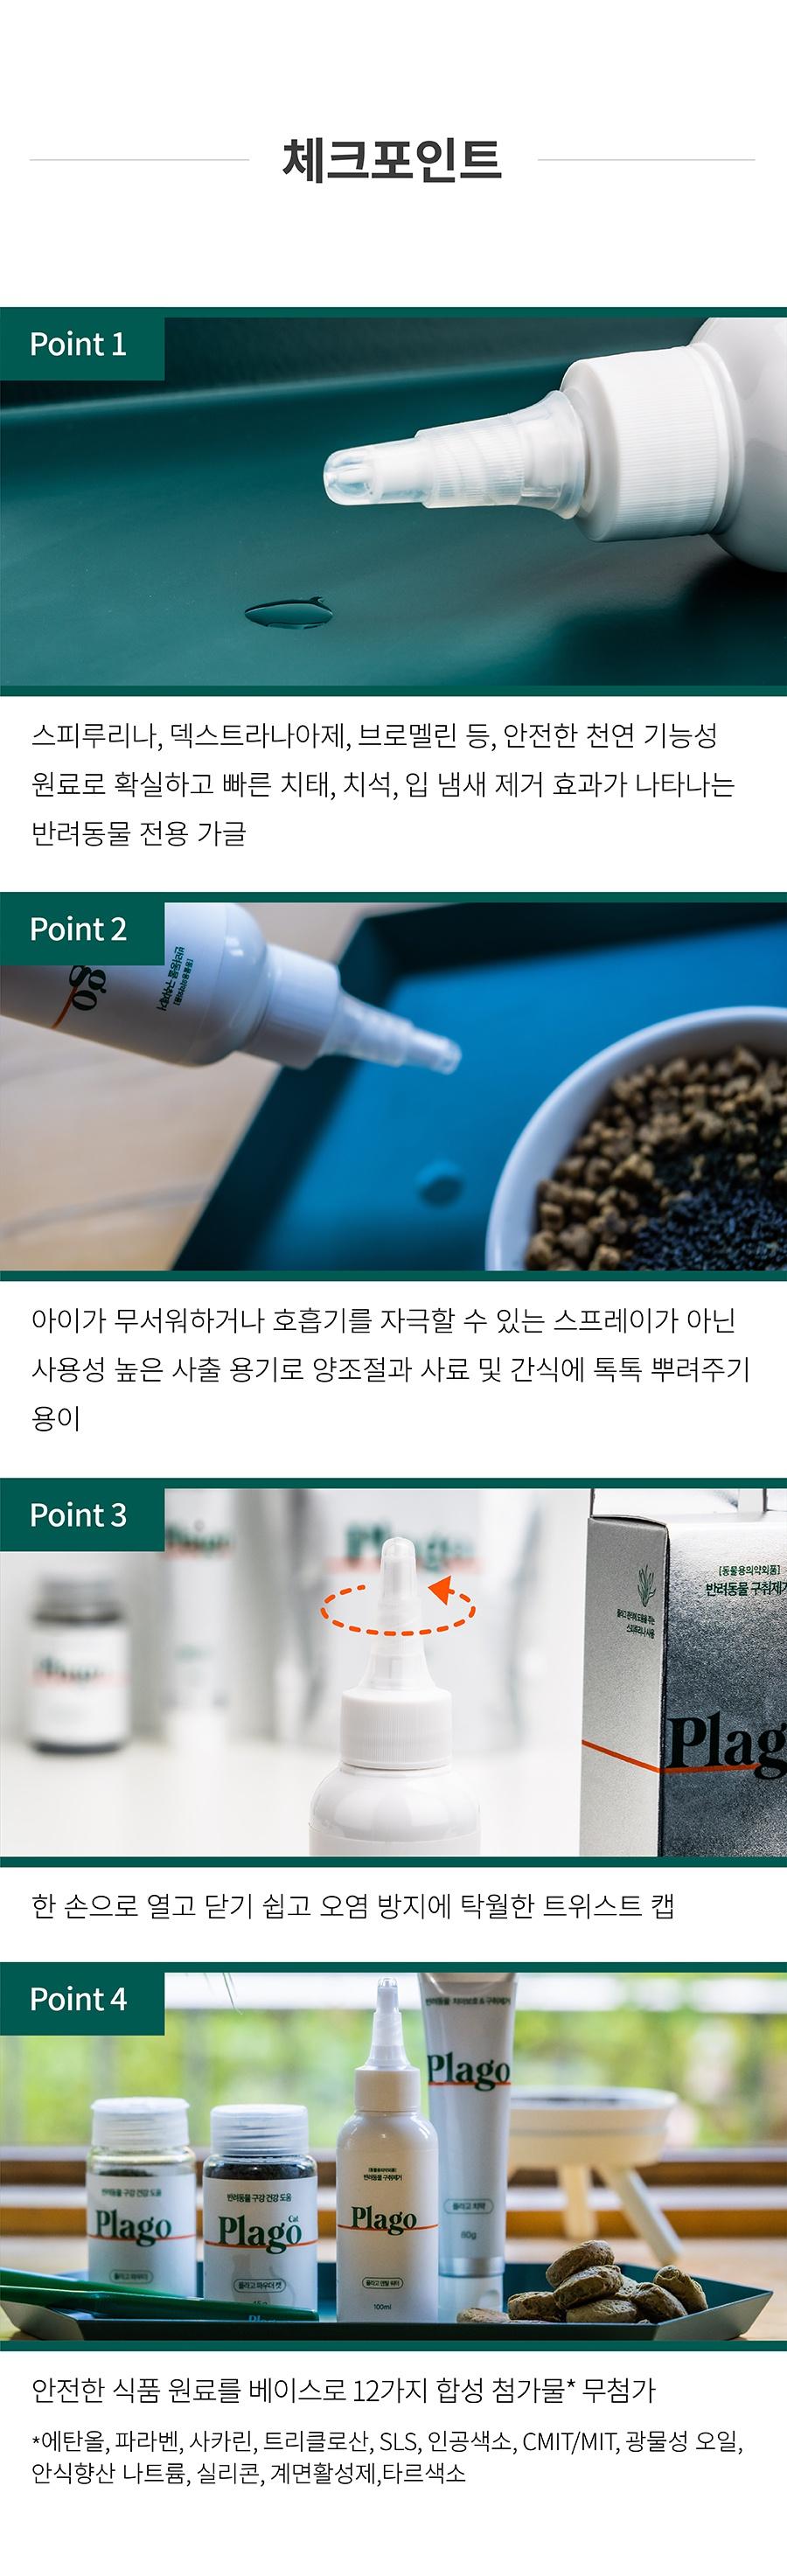 [리뉴얼 전] 플라고 덴탈워터 (100ml)-상품이미지-4